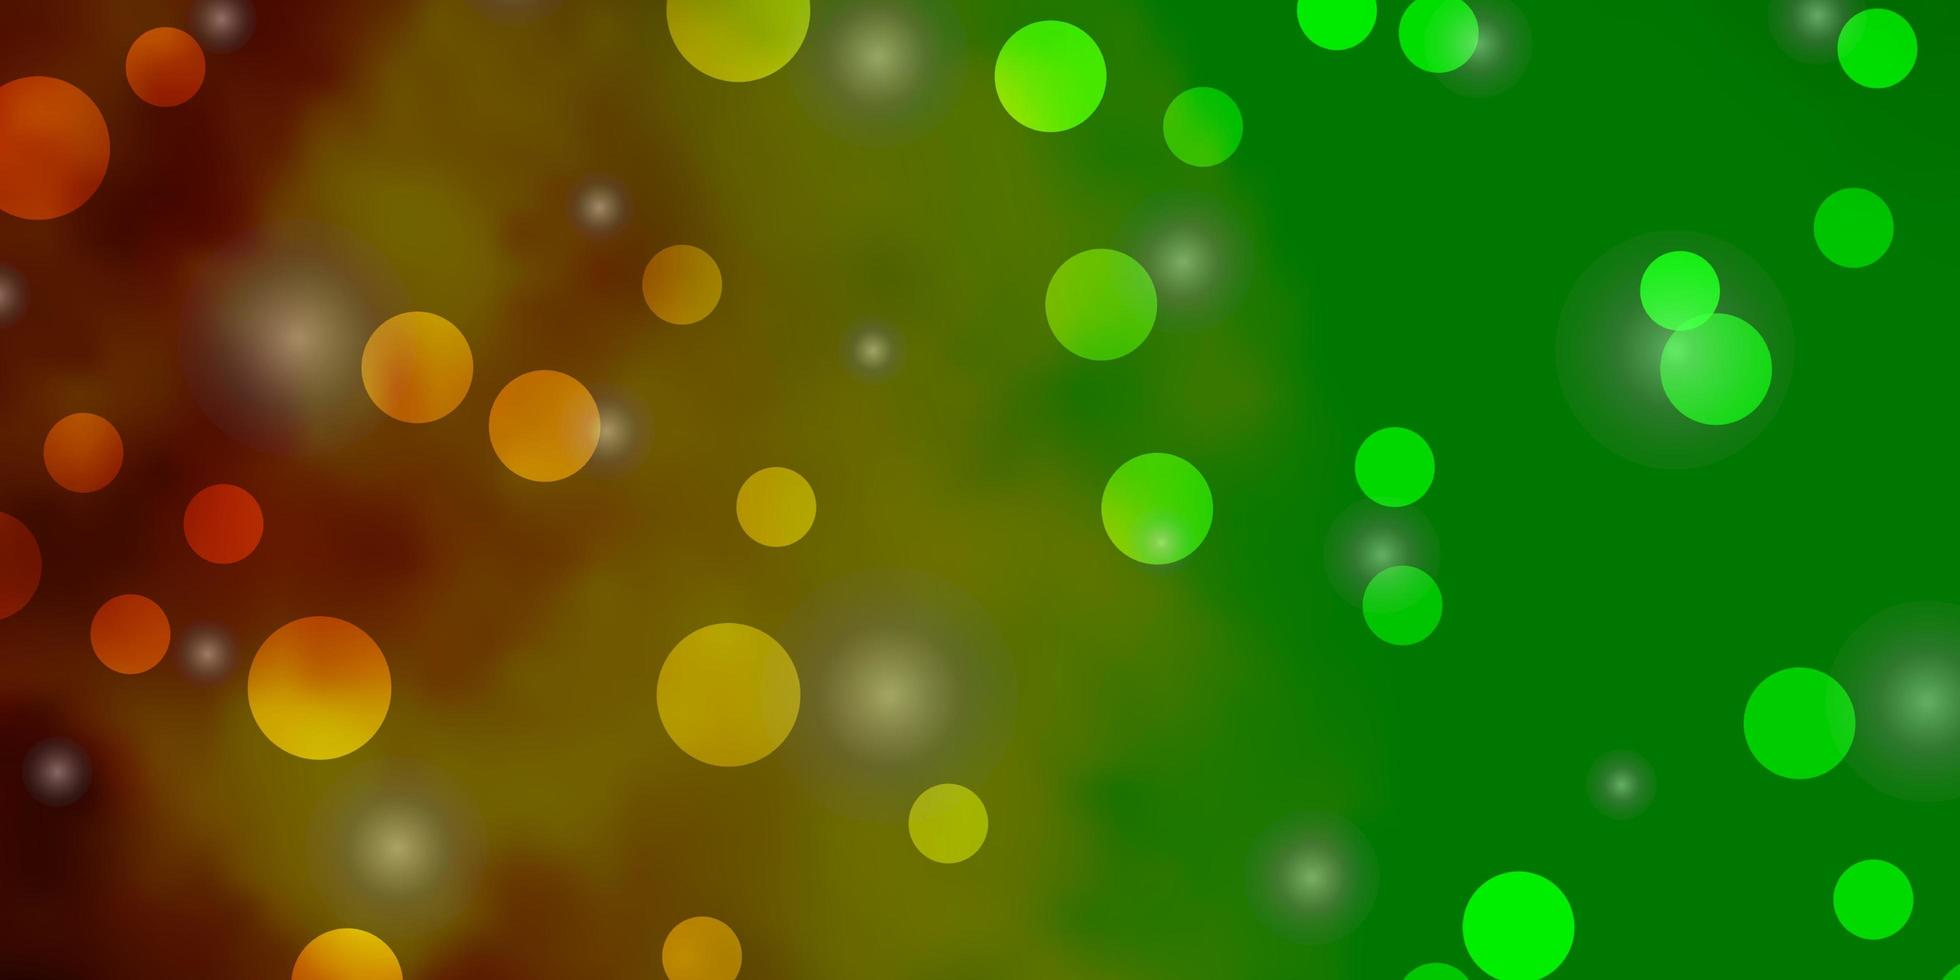 luz verde, padrão de vetor amarelo com círculos, estrelas.